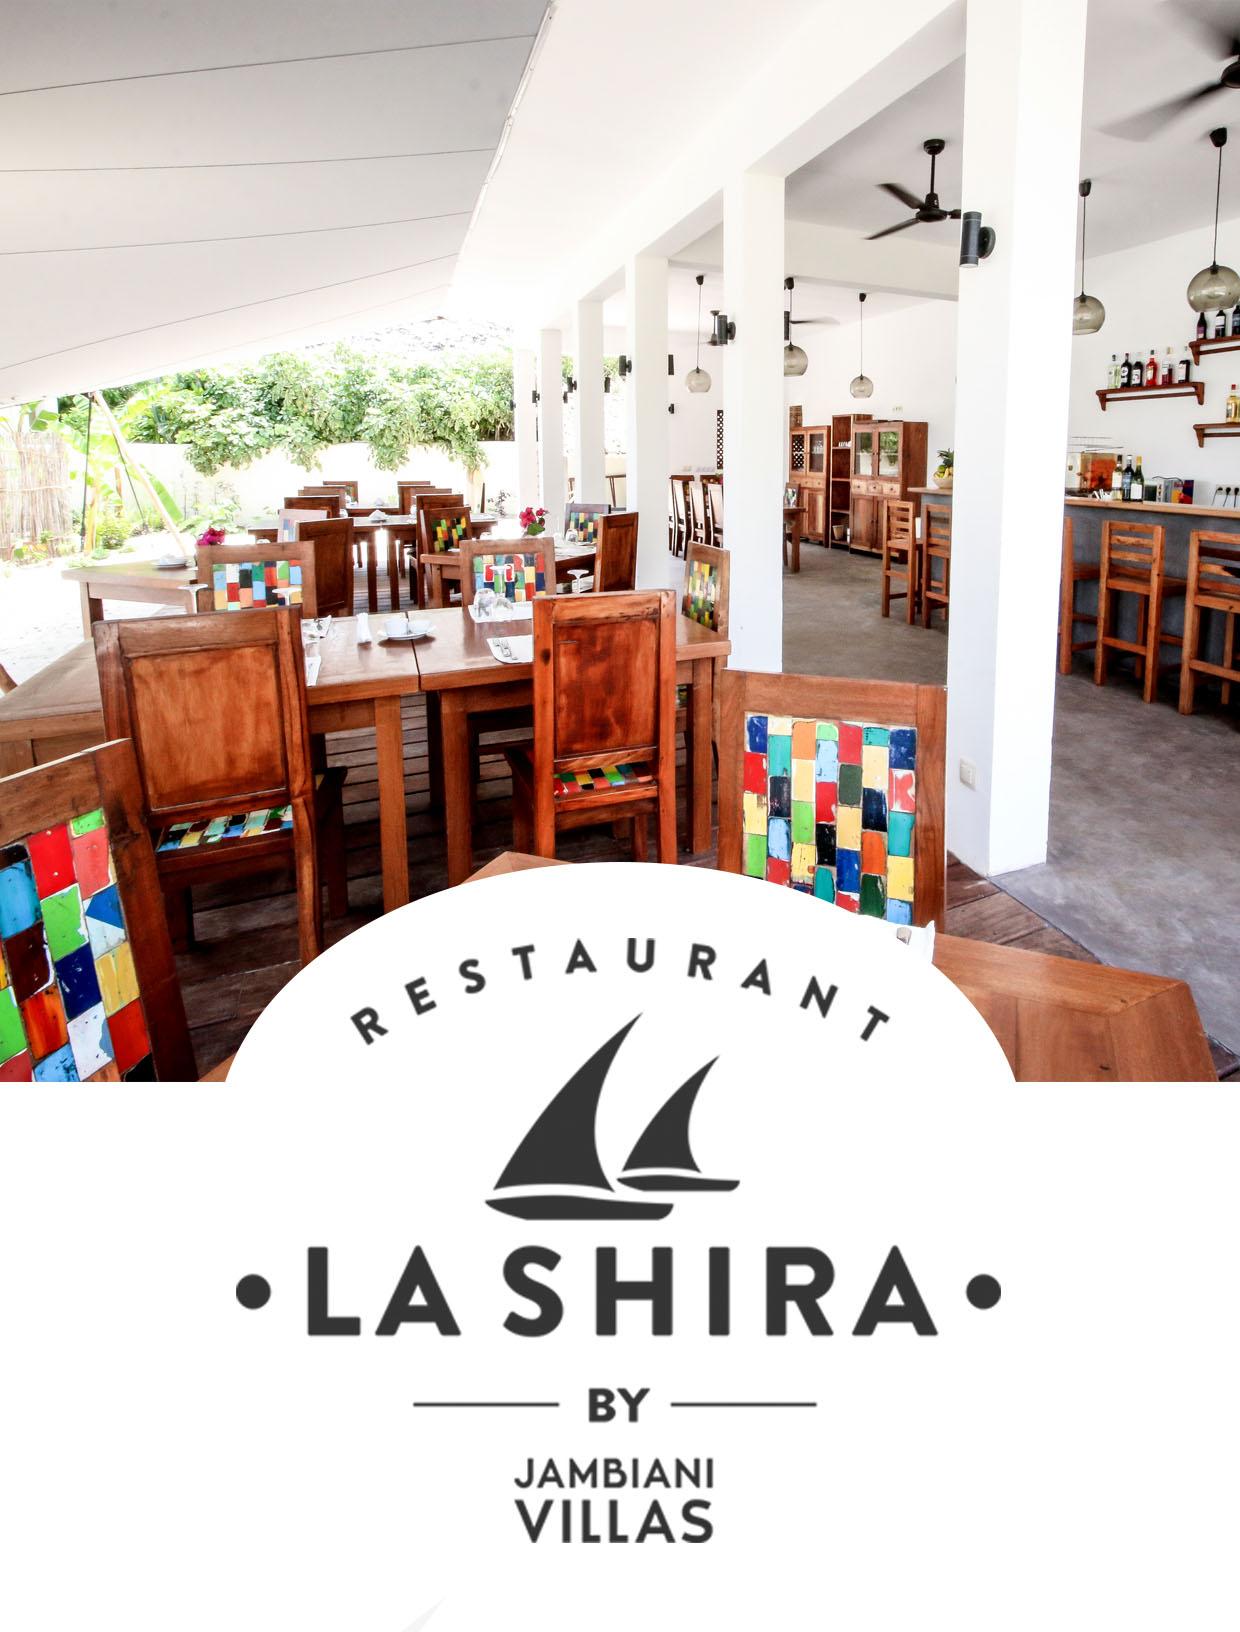 La Shira Restaurant